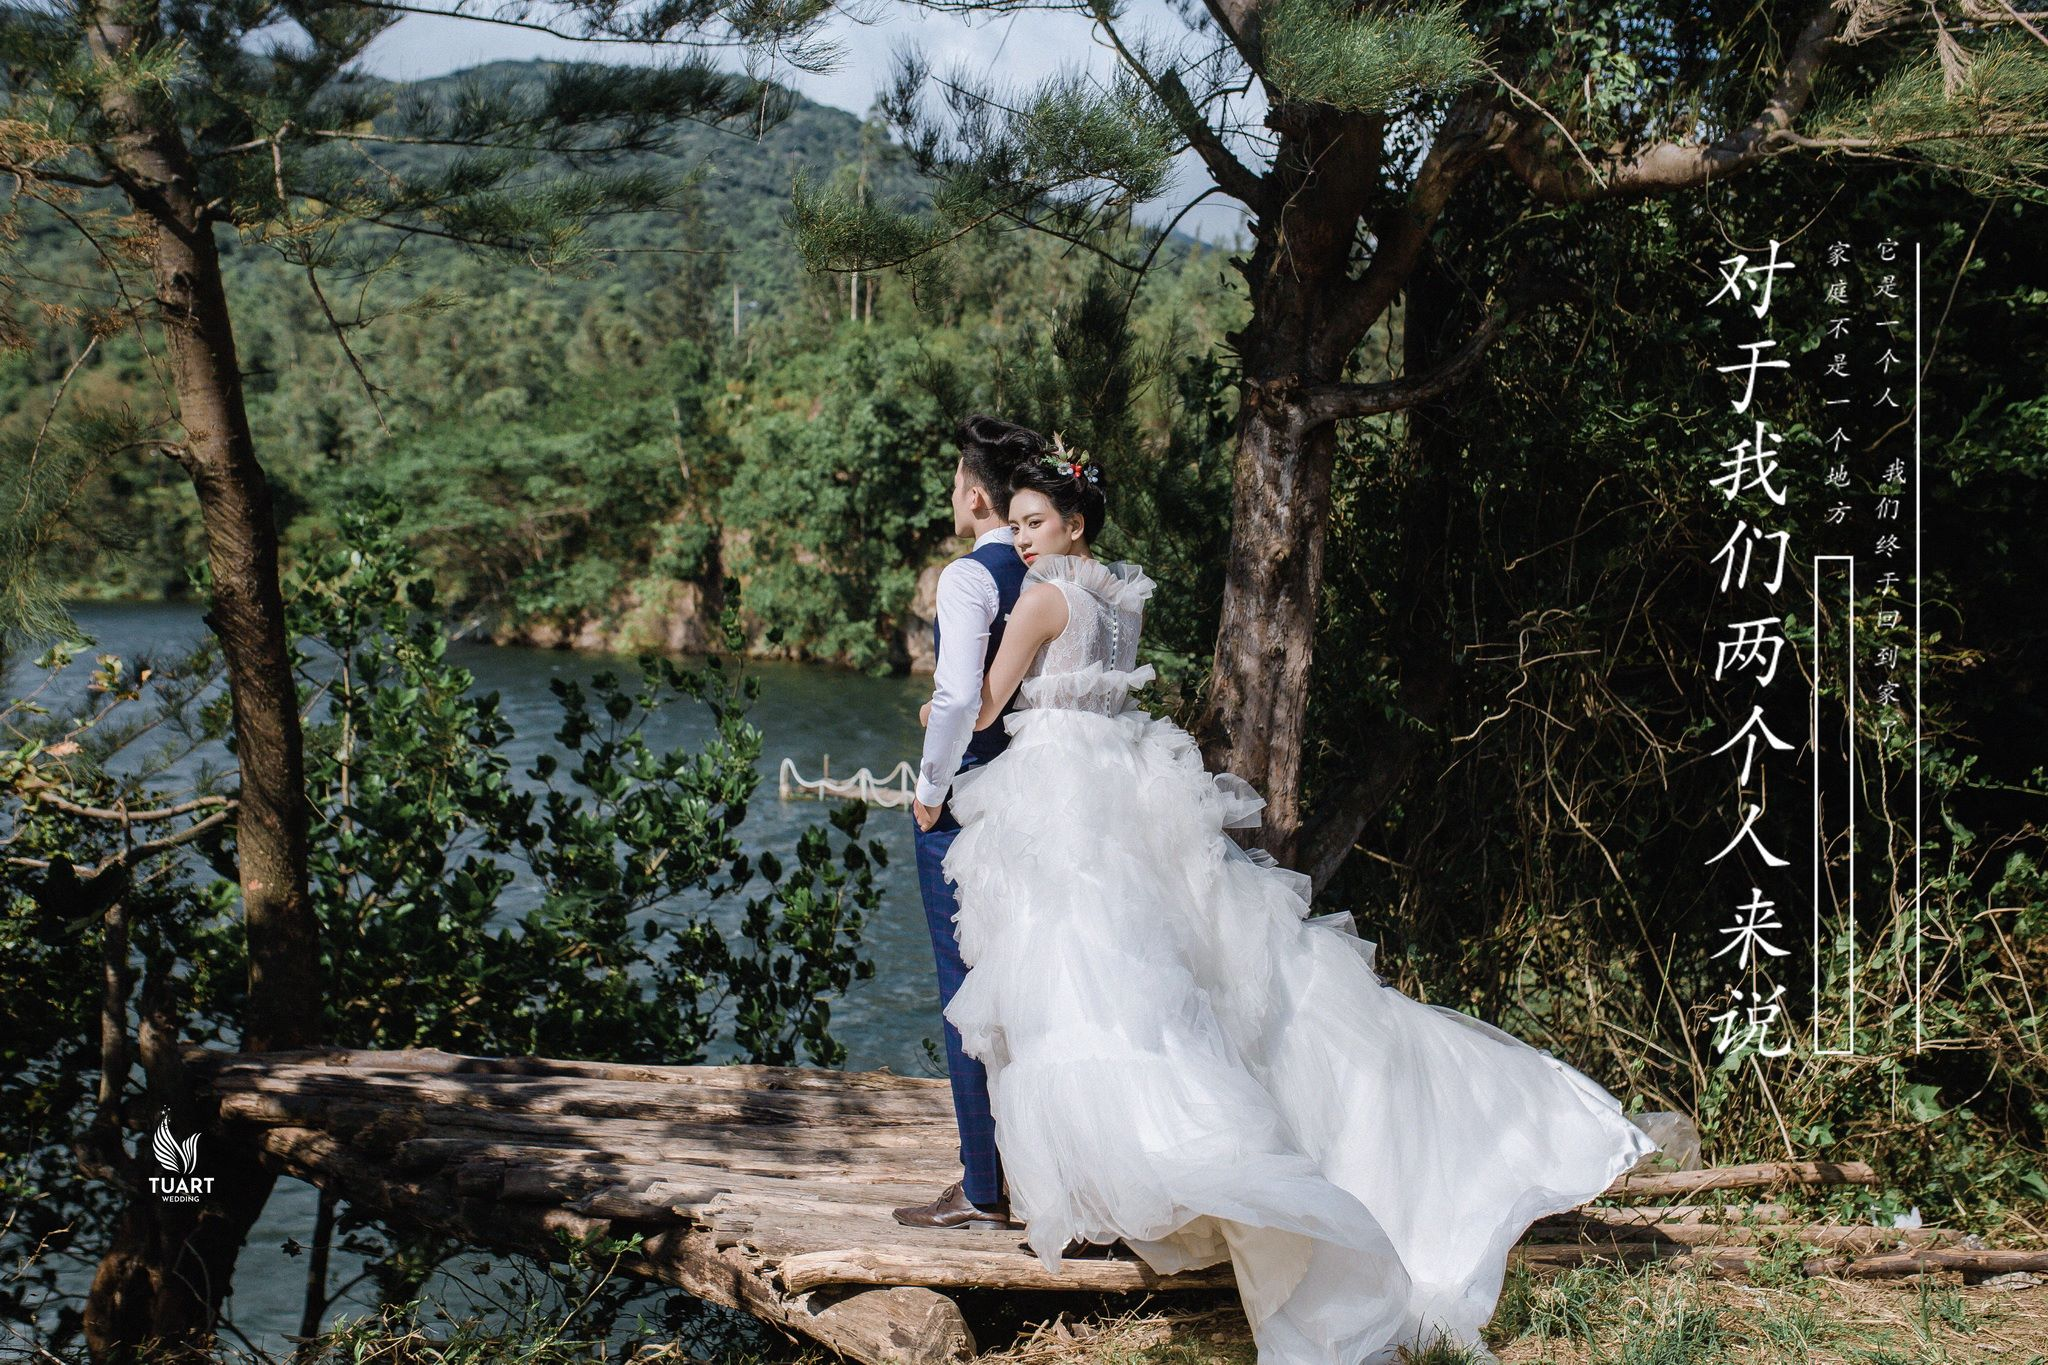 Album chụp ảnh cưới đẹp Hồ Xanh-Nắng đầu mùa 11